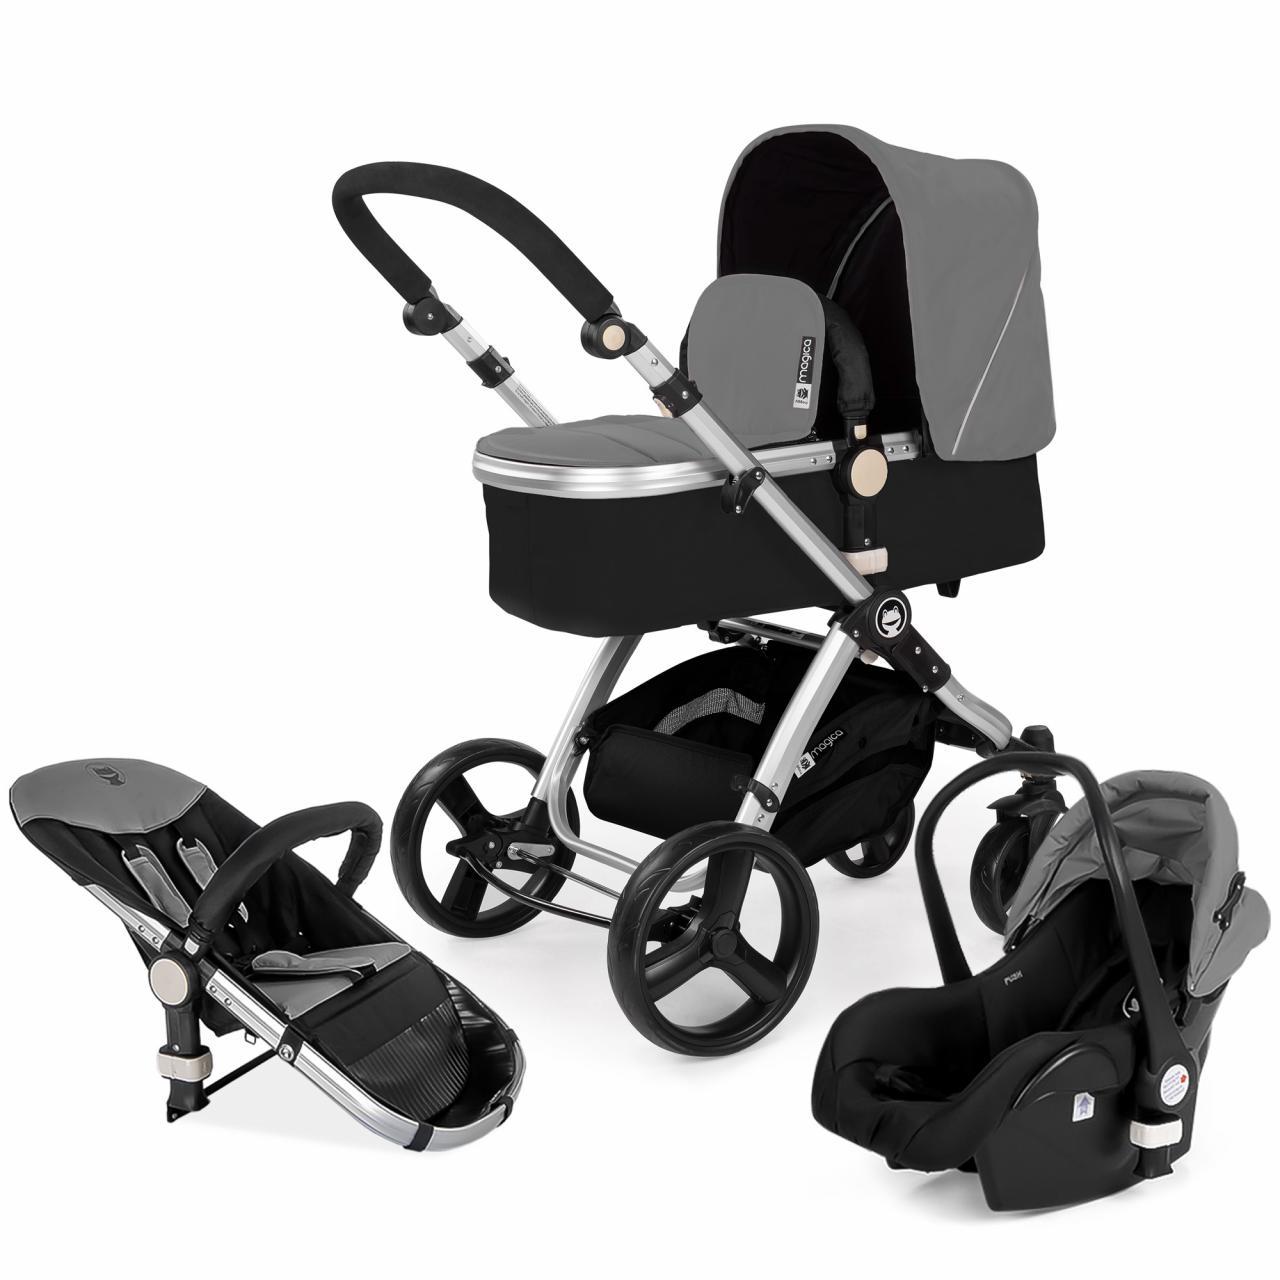 Kombikinderwagen-3in1-Kombi-SET-Kinderwagen-inkl-Babyschale-Buggy-Kinderwagenset